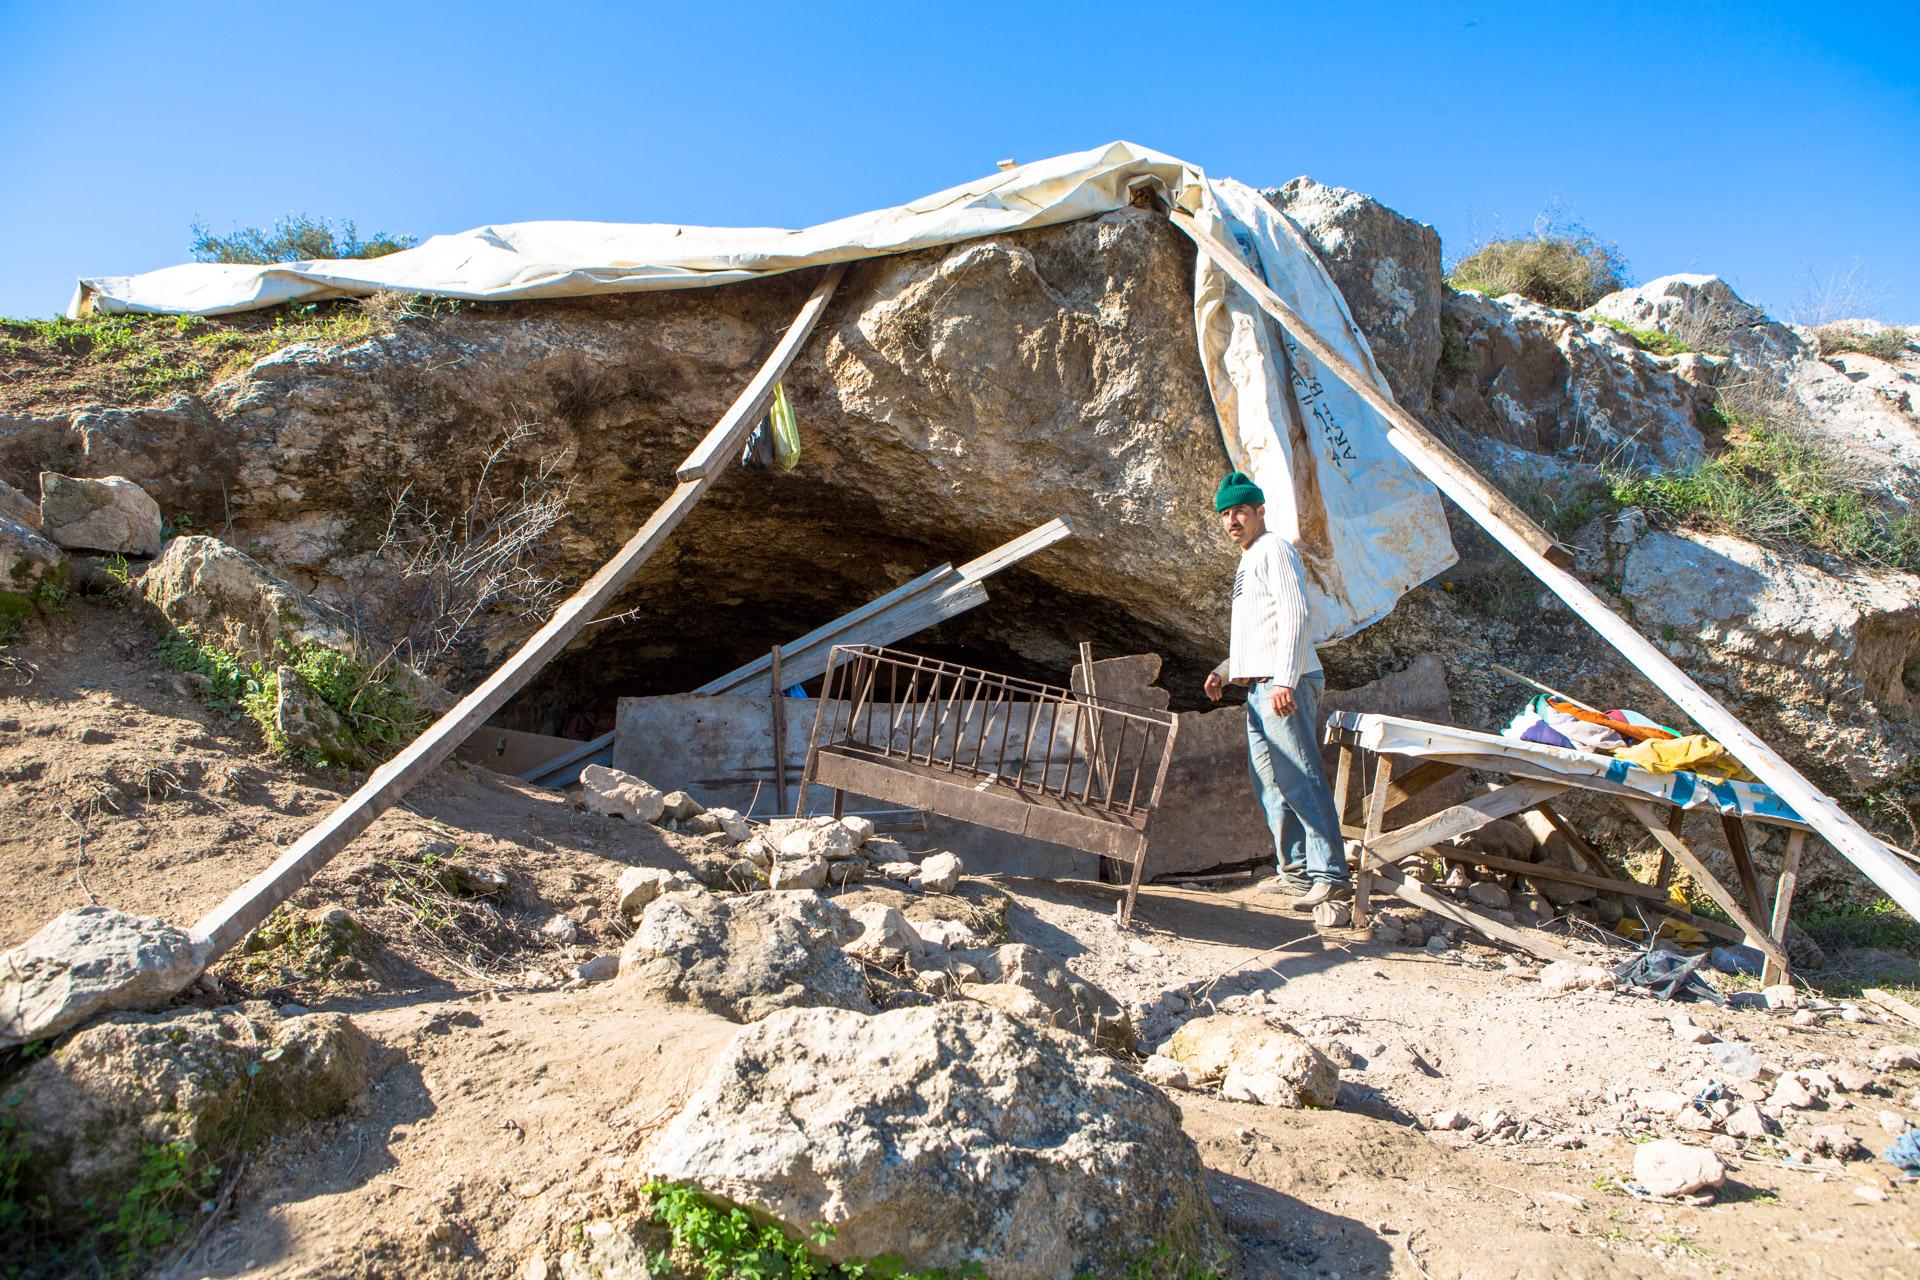 המערה של אבו א-עבד והעזים (בסאם אלמוהור)